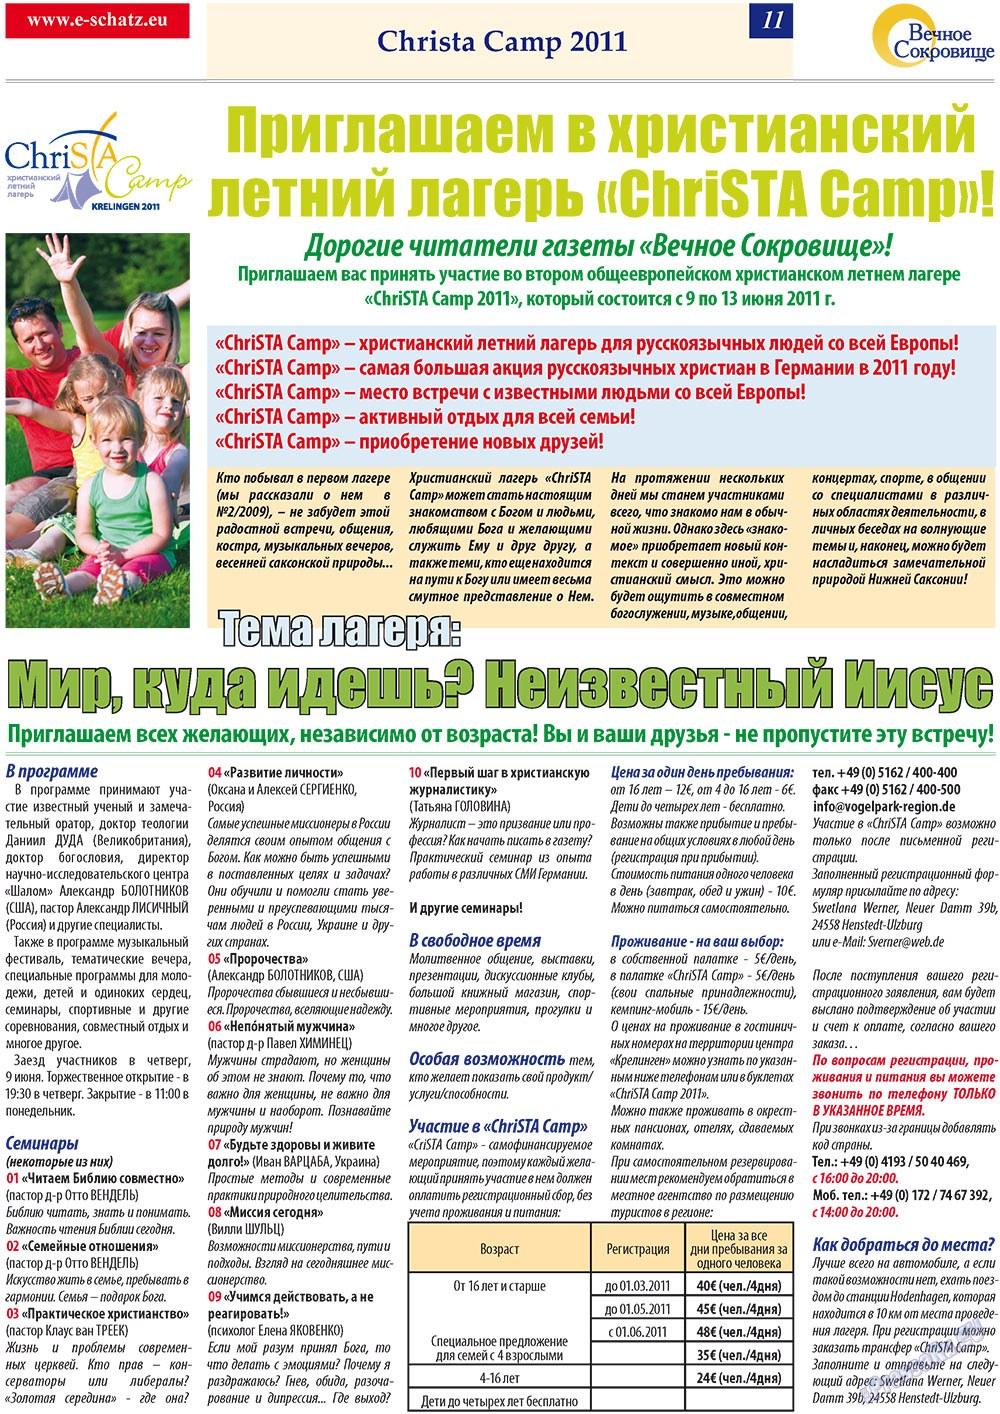 Вечное сокровище (газета). 2011 год, номер 3, стр. 11